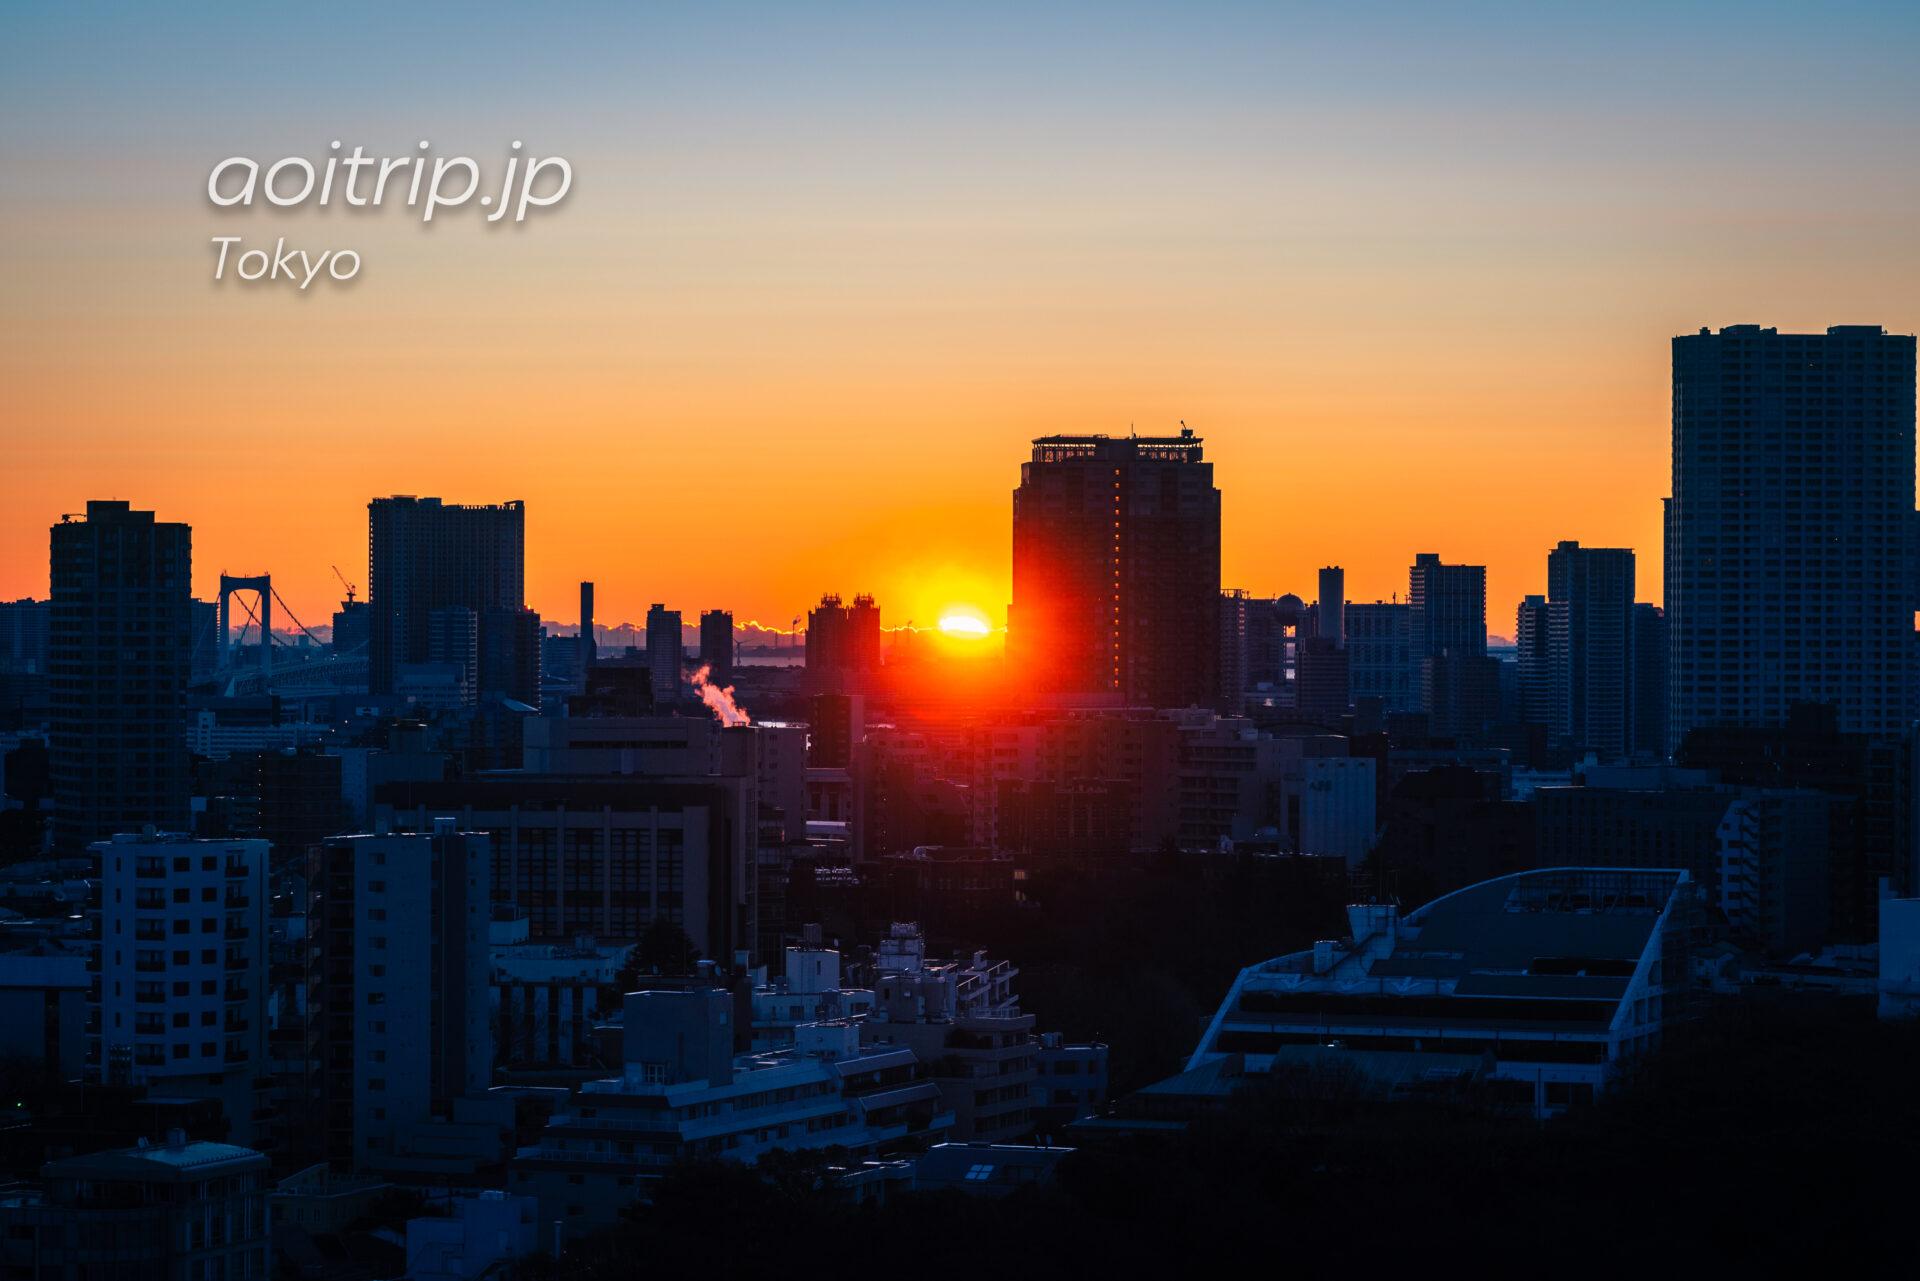 ザ ウェスティン ホテル 東京のスイートルーム客室から望む東京と朝日